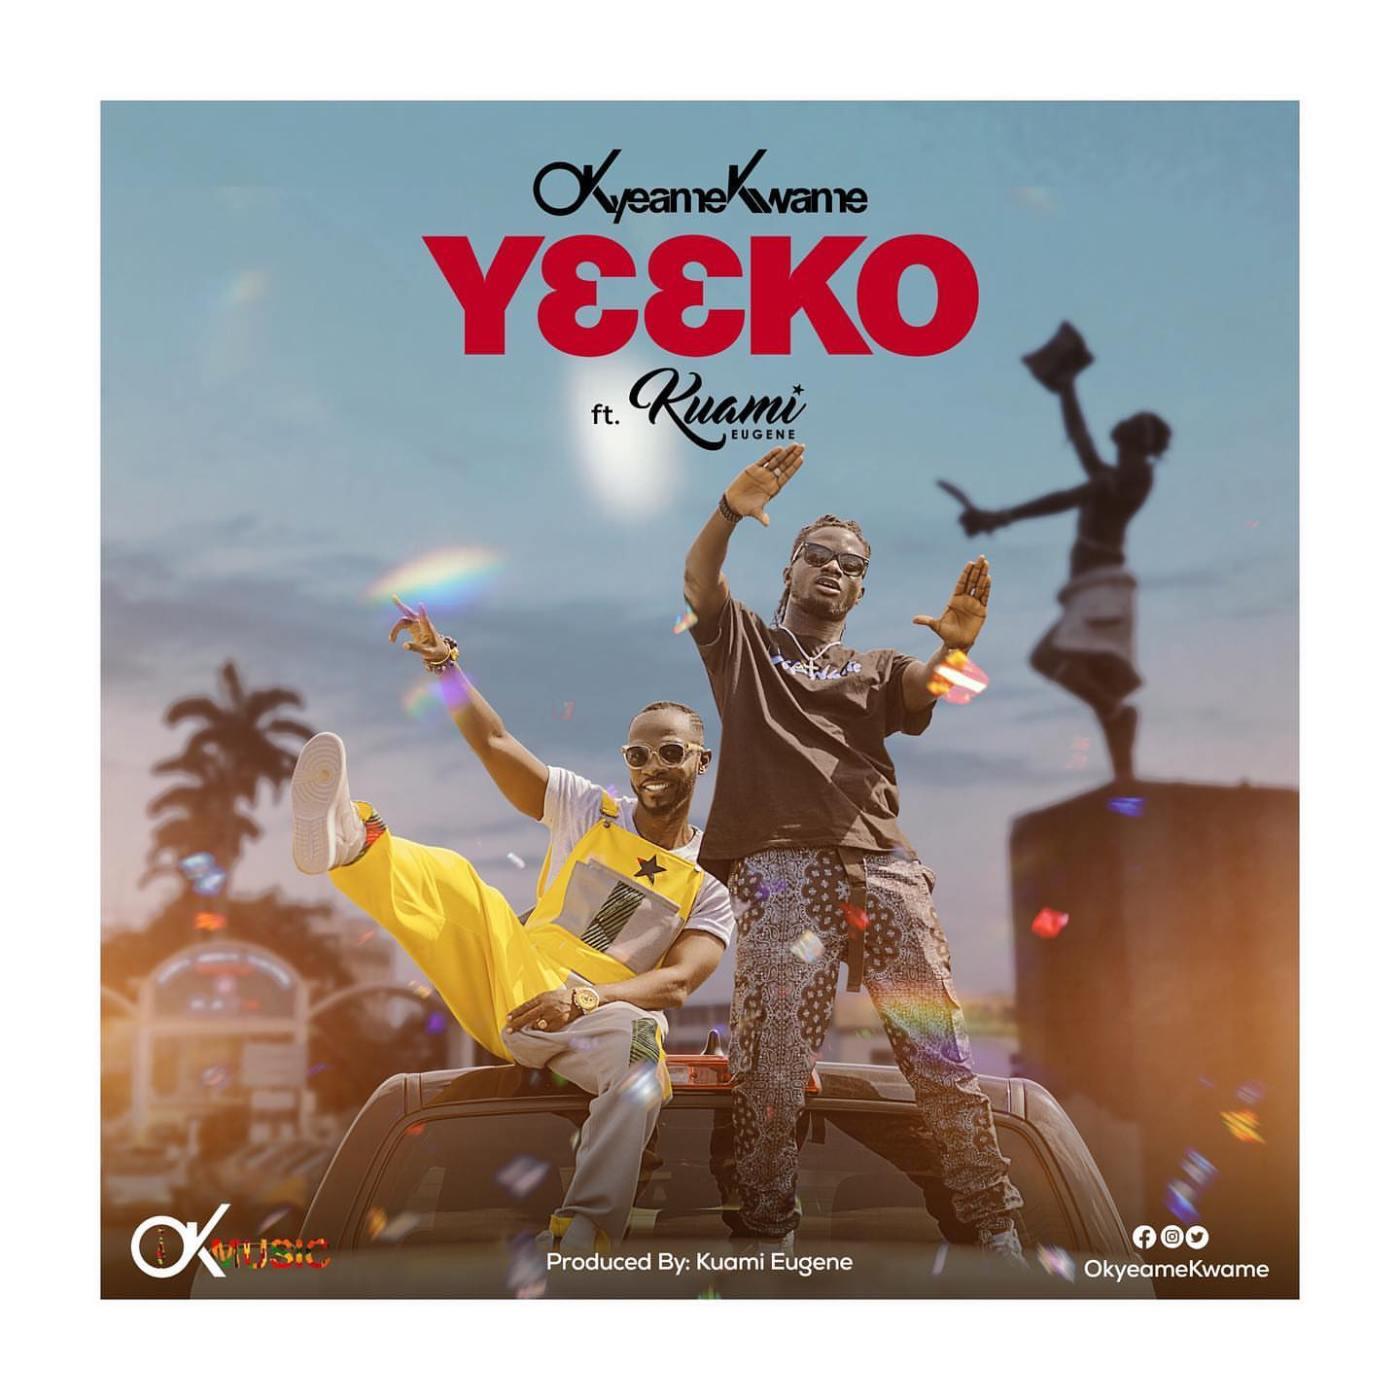 Okyeame Kwame - Yeeko (feat. Kuami Eugene) (Prod. By Rockstar)